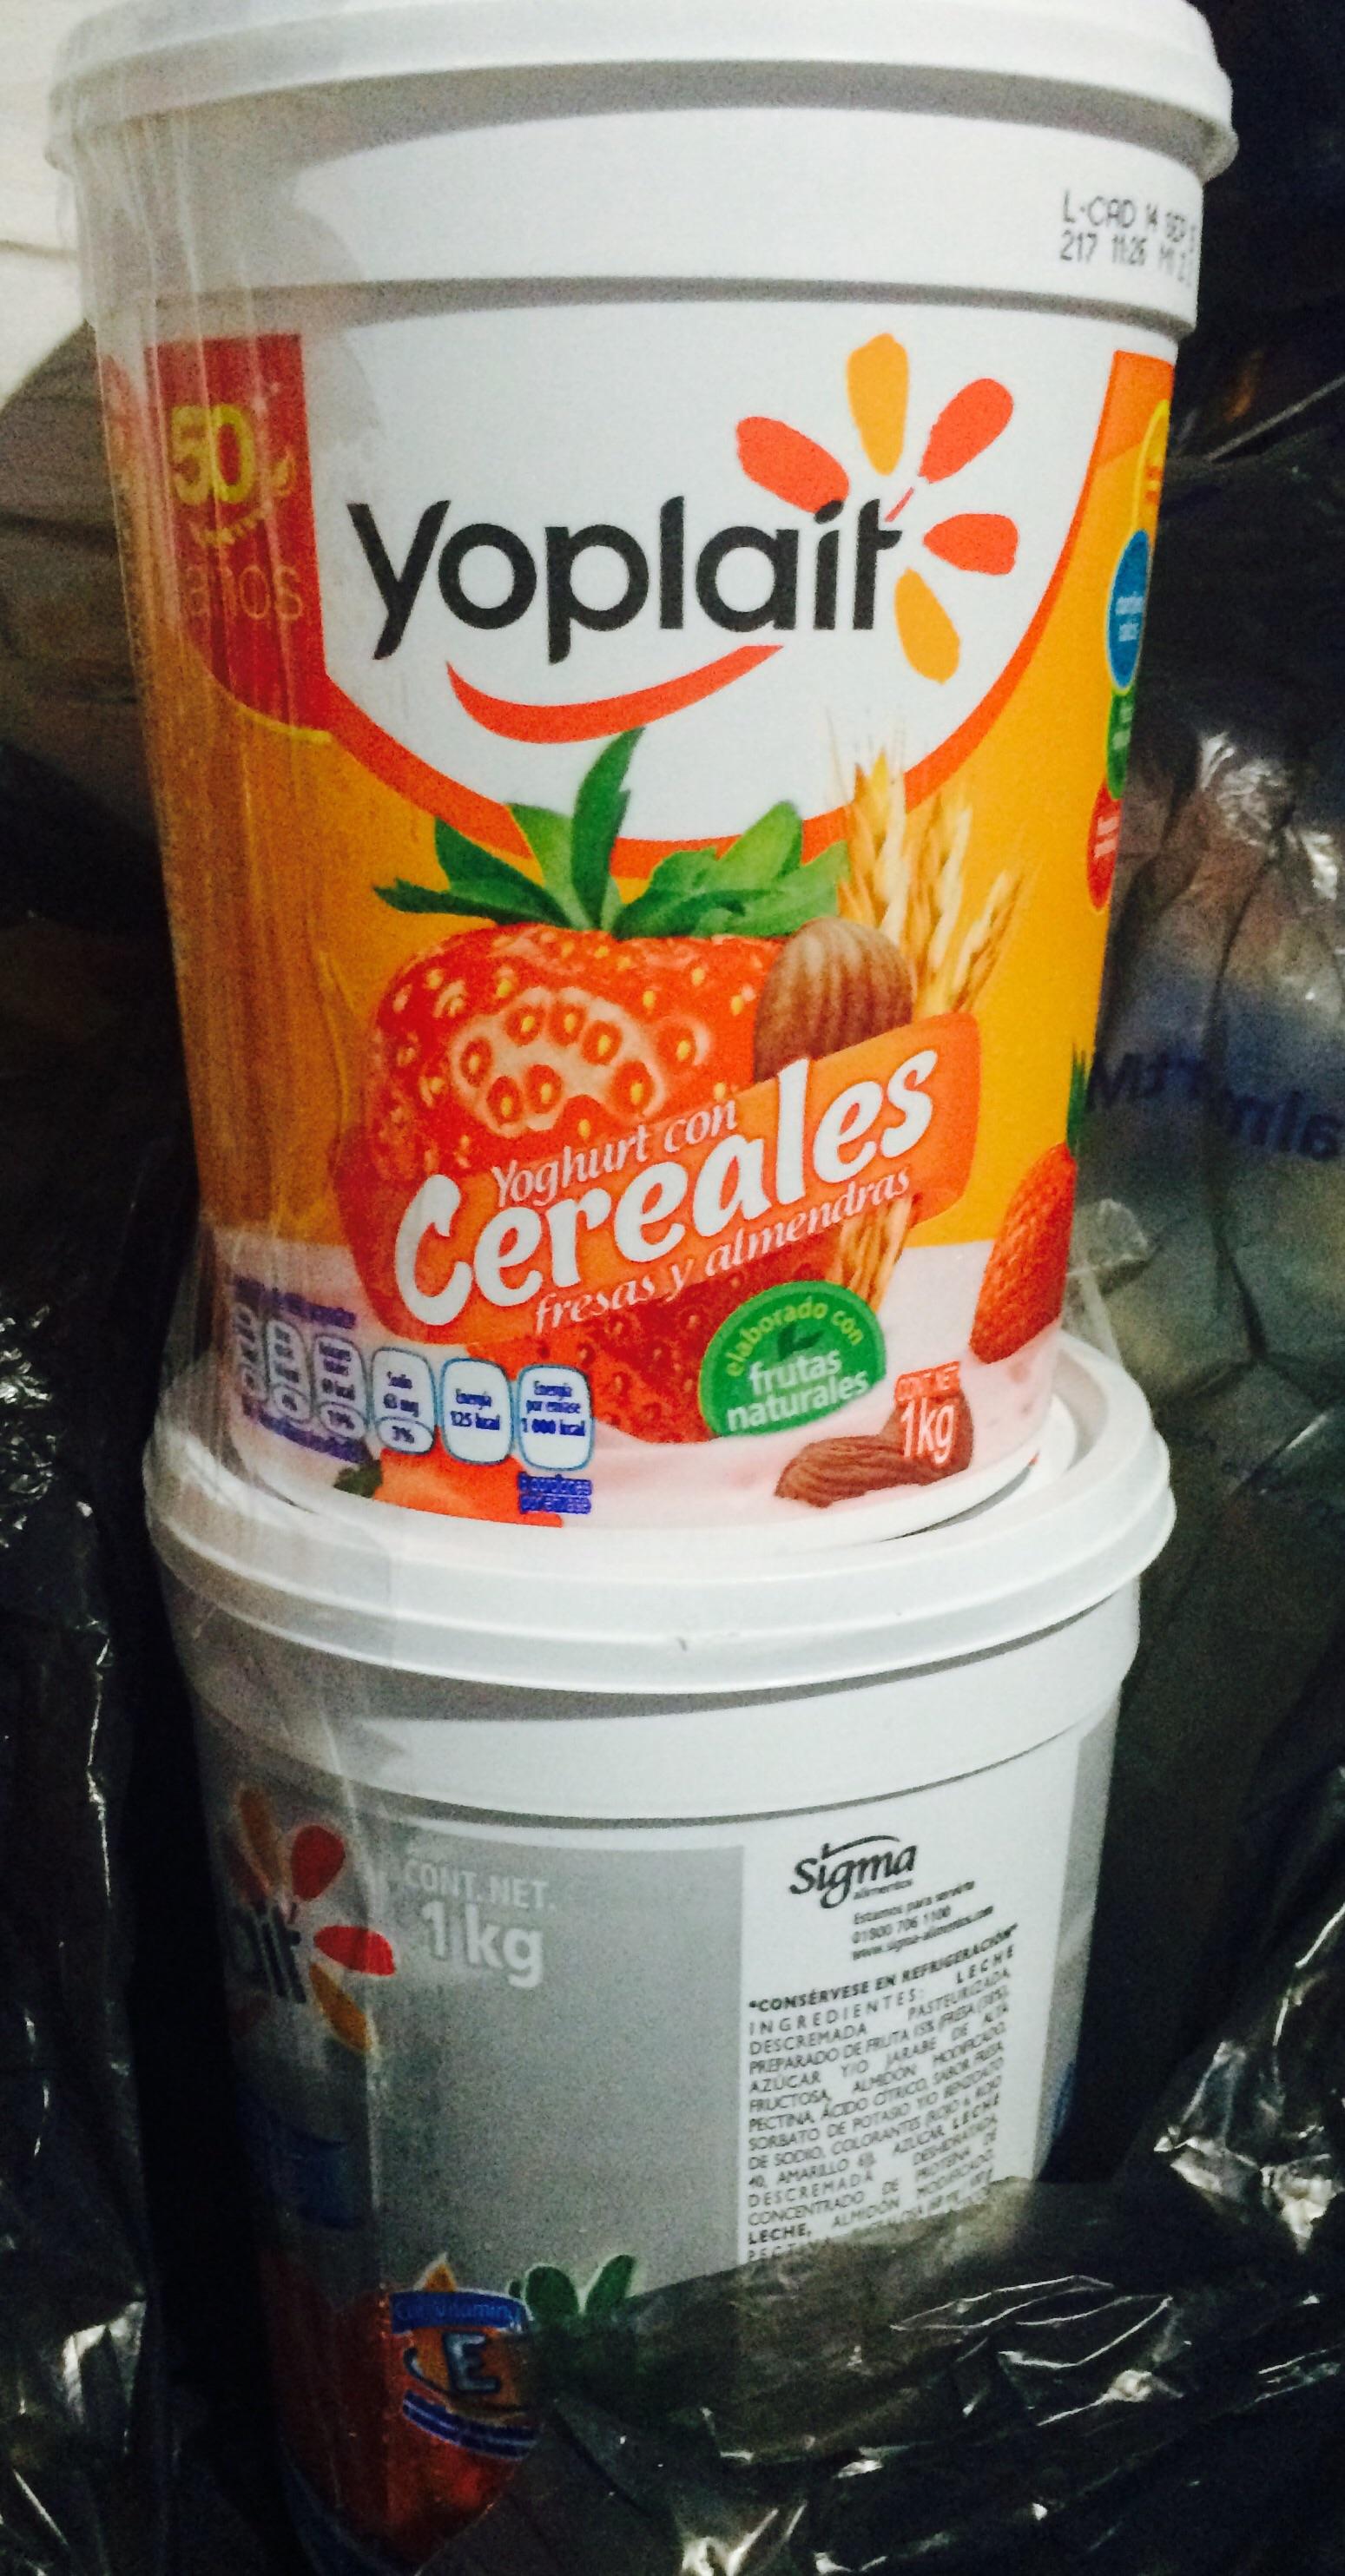 Walmart: 2x1 en yogurt Yoplait y Chiles en escabeche de 800g gratis comprando cualquier producto San Marcos